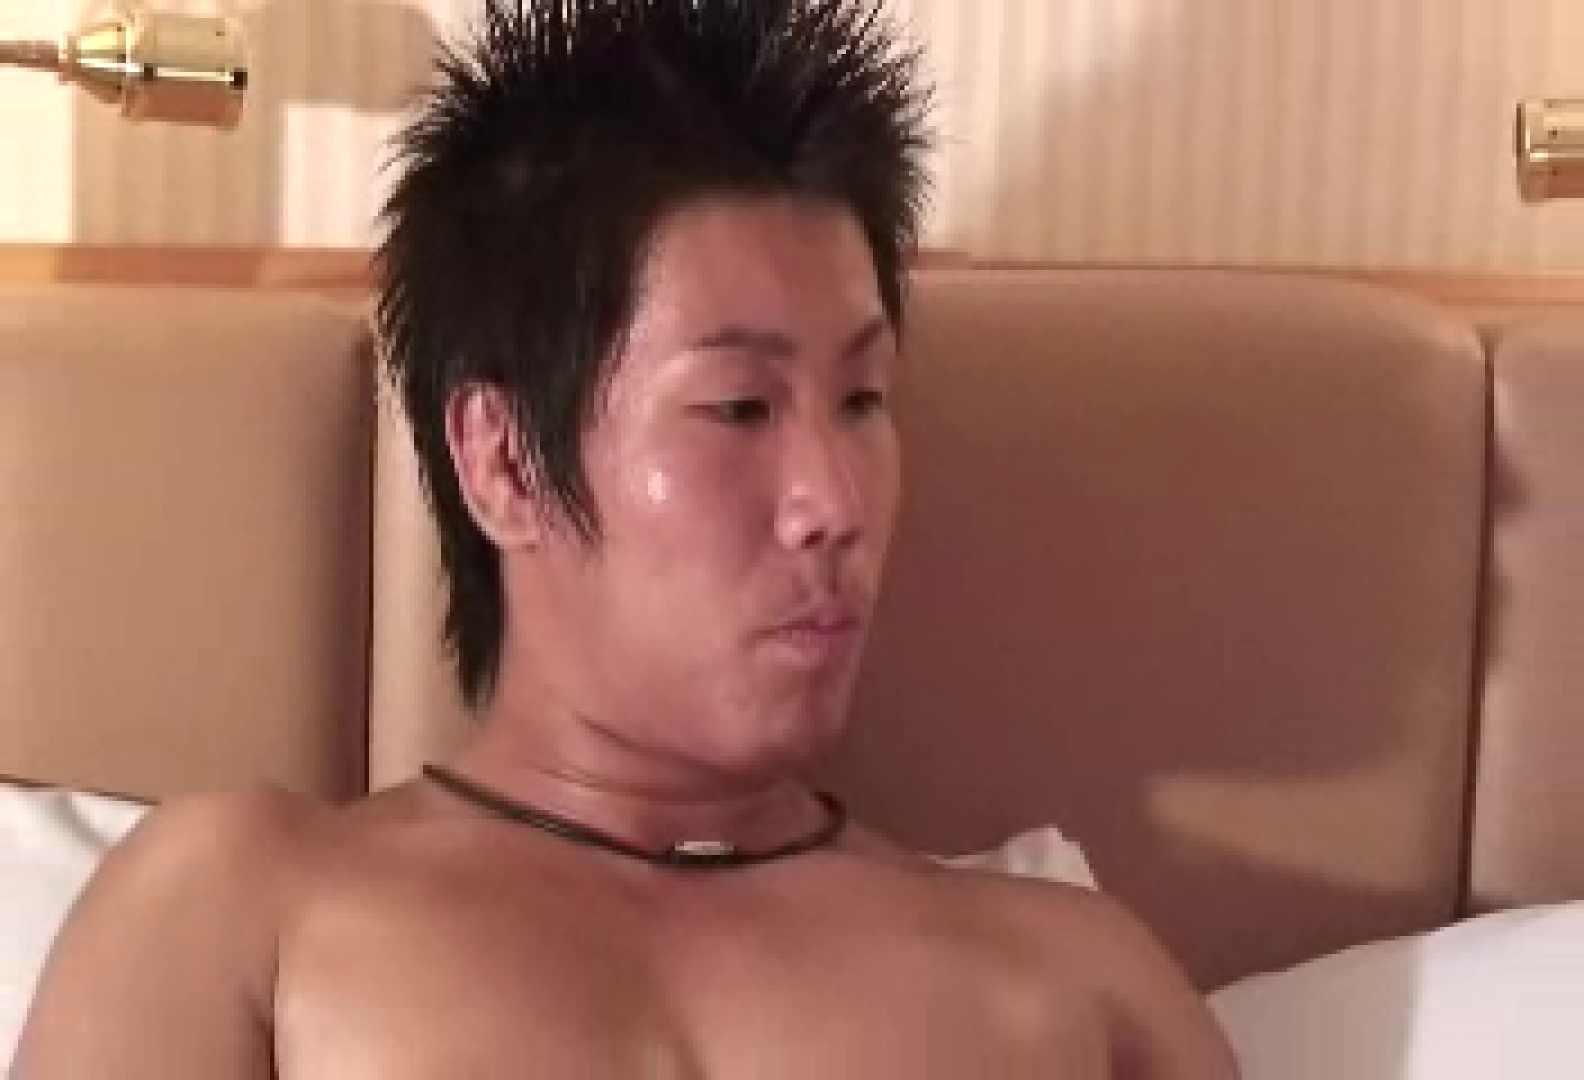 スリ筋!!Nice Finish!!vol.02 手技 | イケメン AV動画 14連発 11